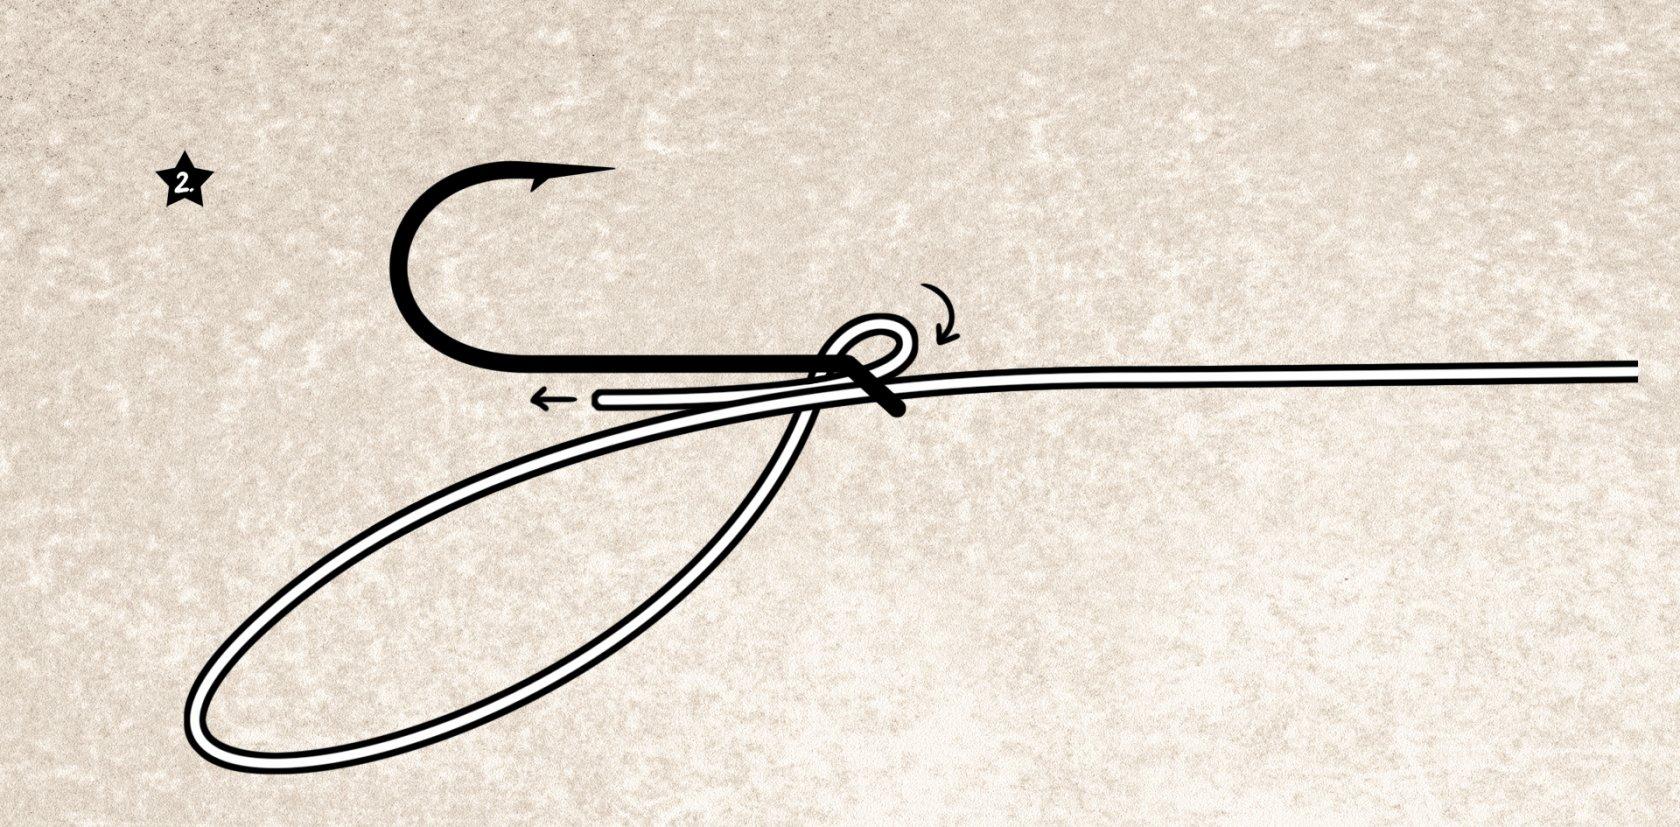 Snell knoten richtig binden